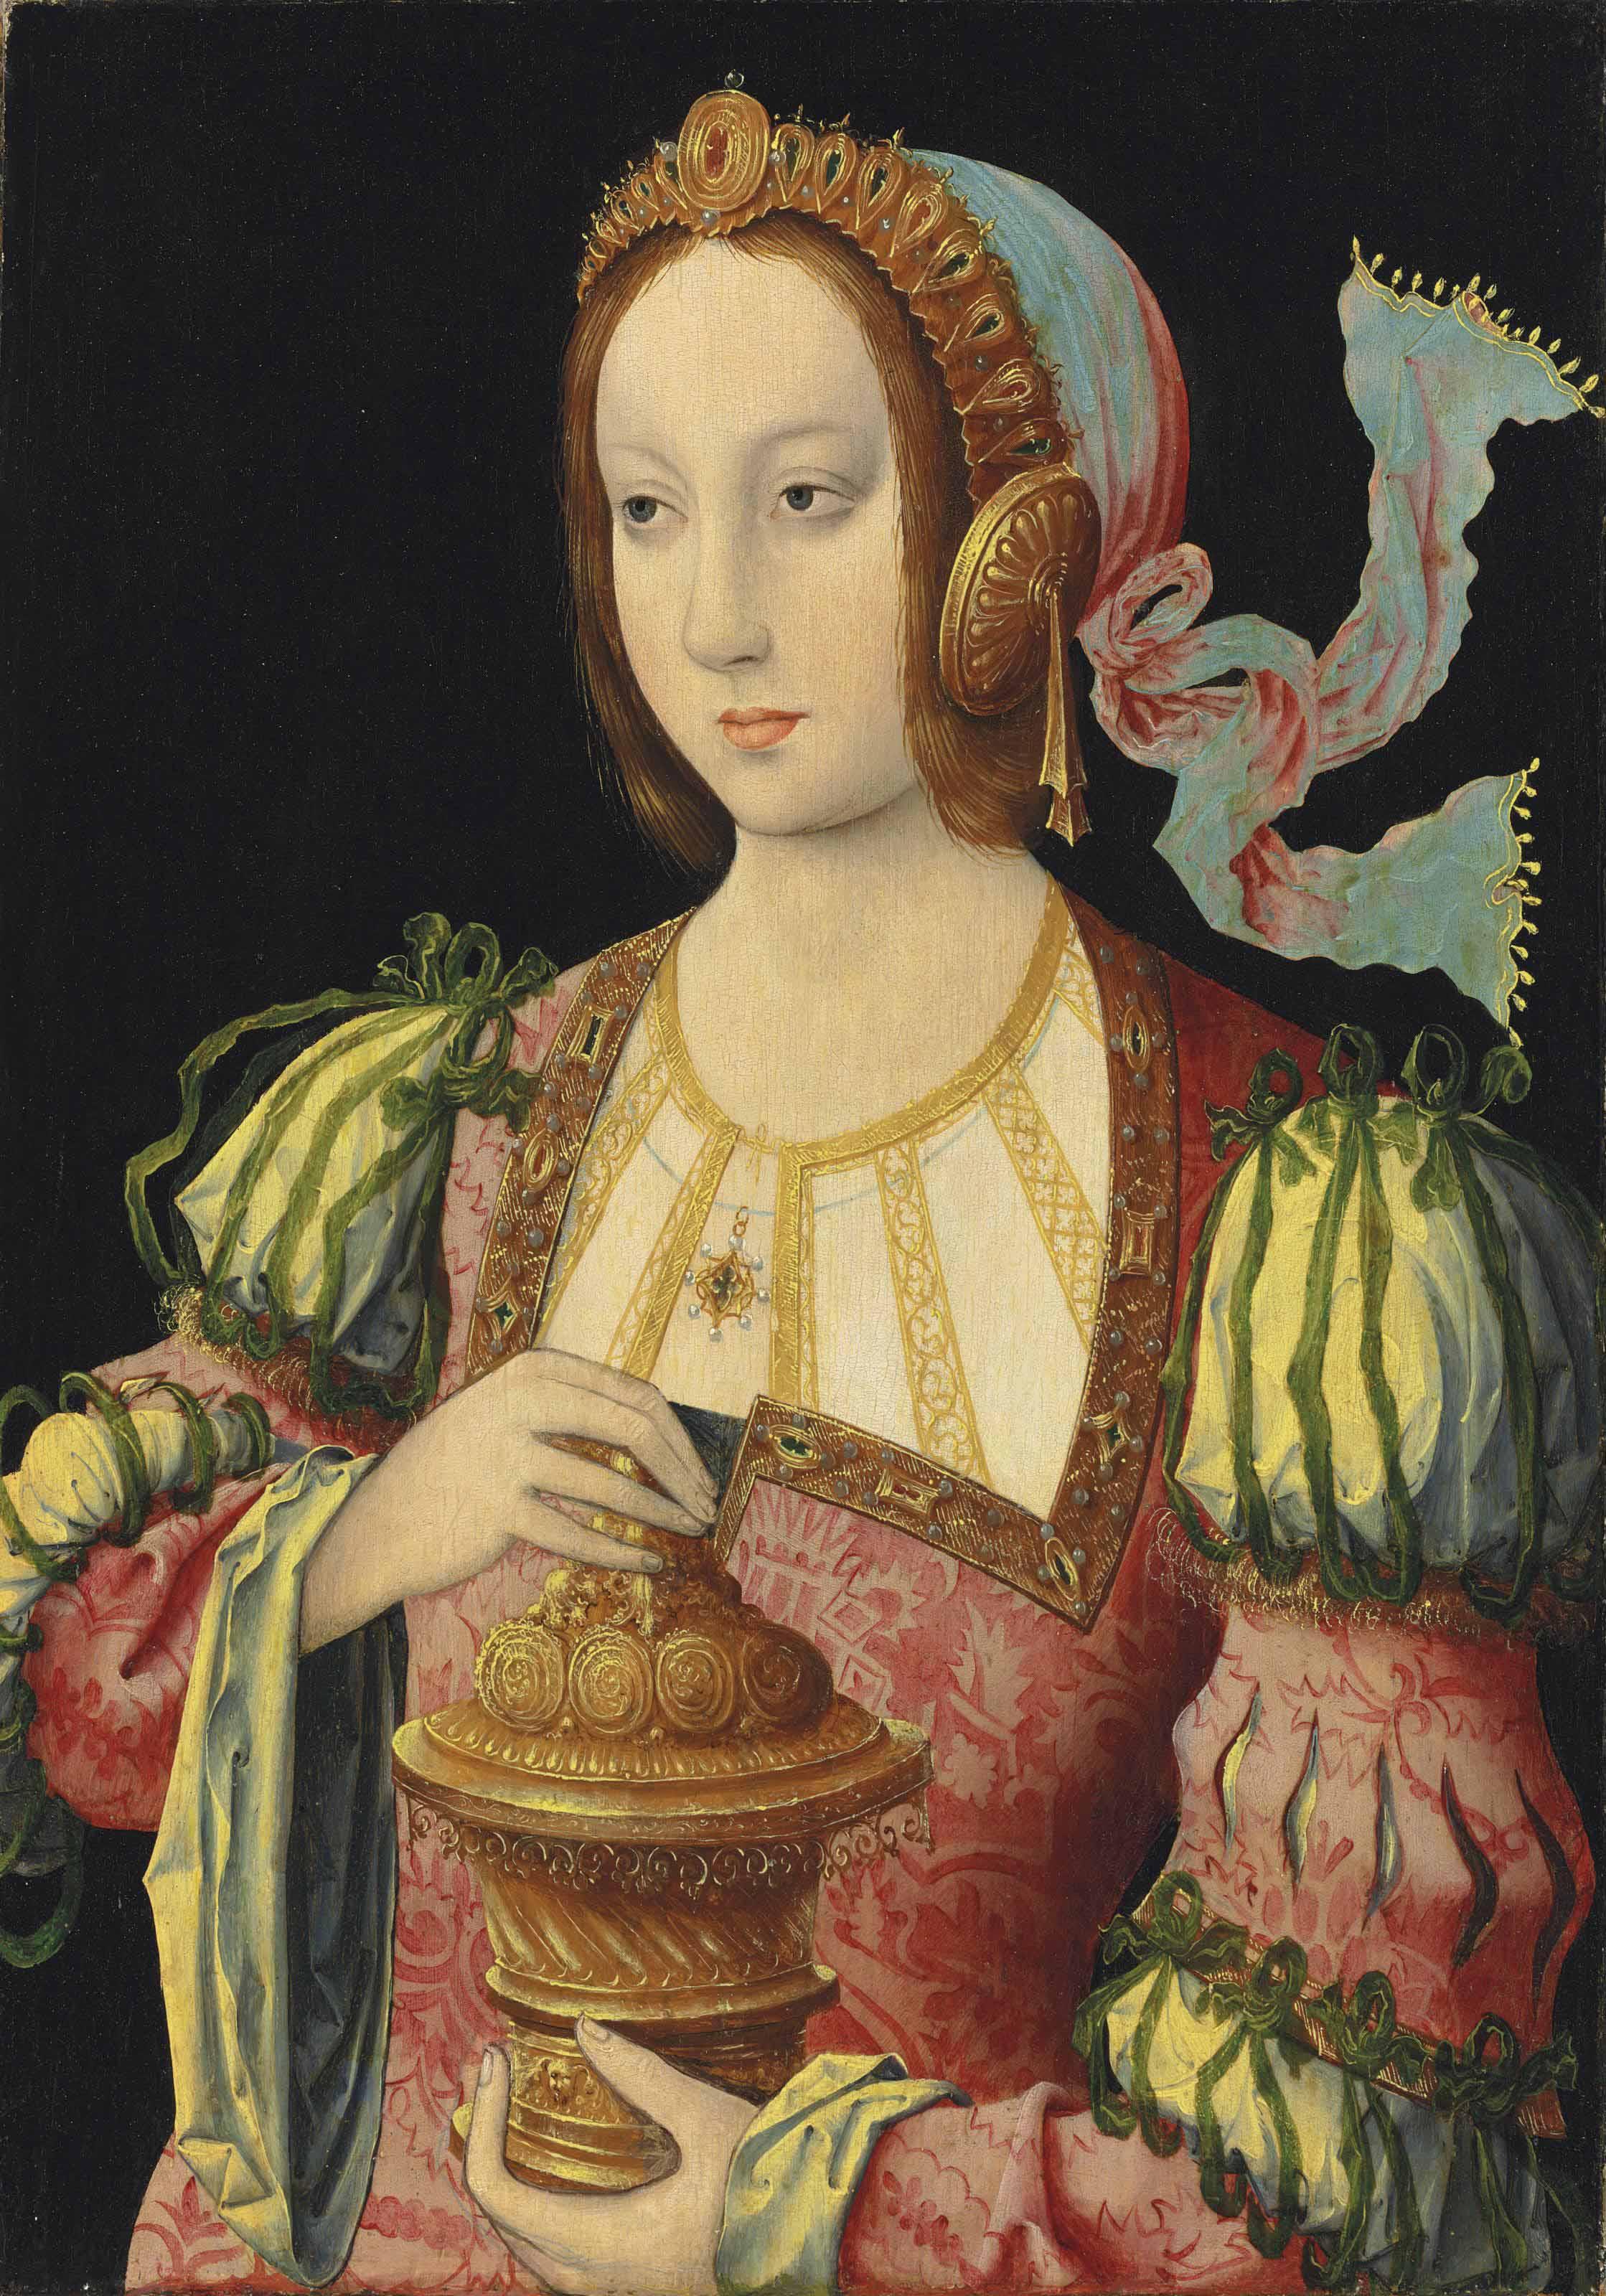 Antwerp School, c. 1520